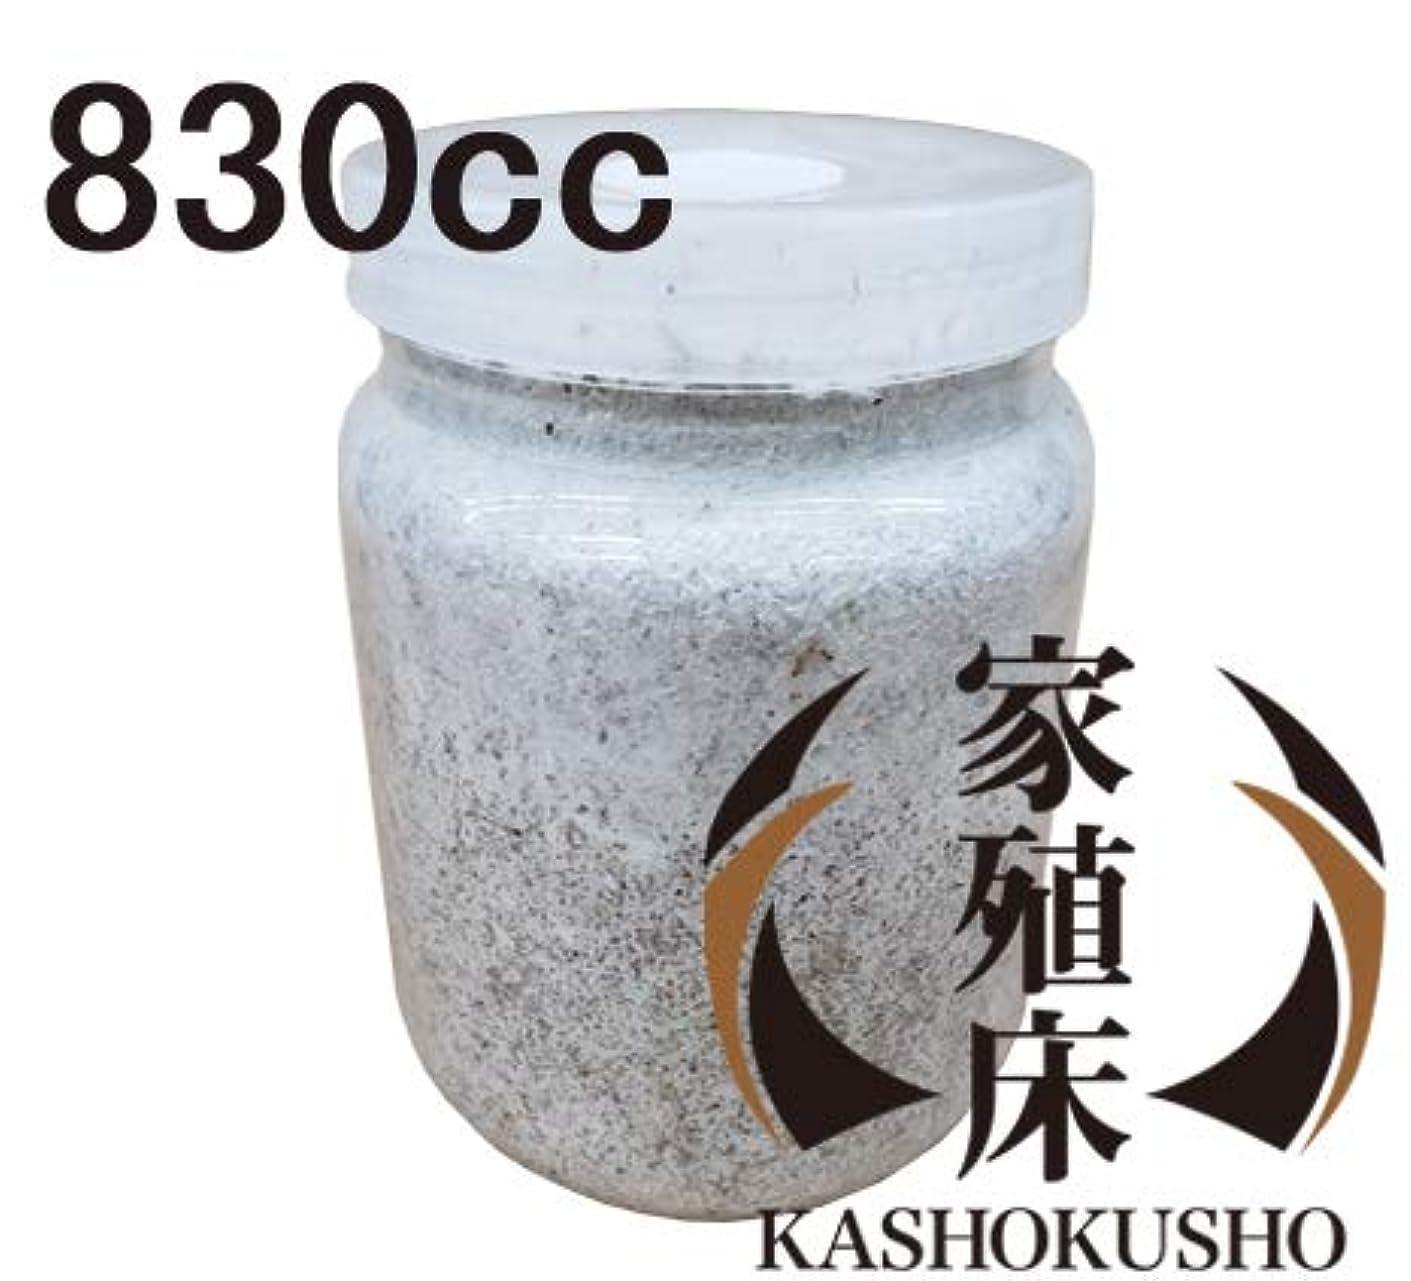 コンテスト西部パースブラックボロウ菌糸瓶 830cc 家殖床クラシック 1本